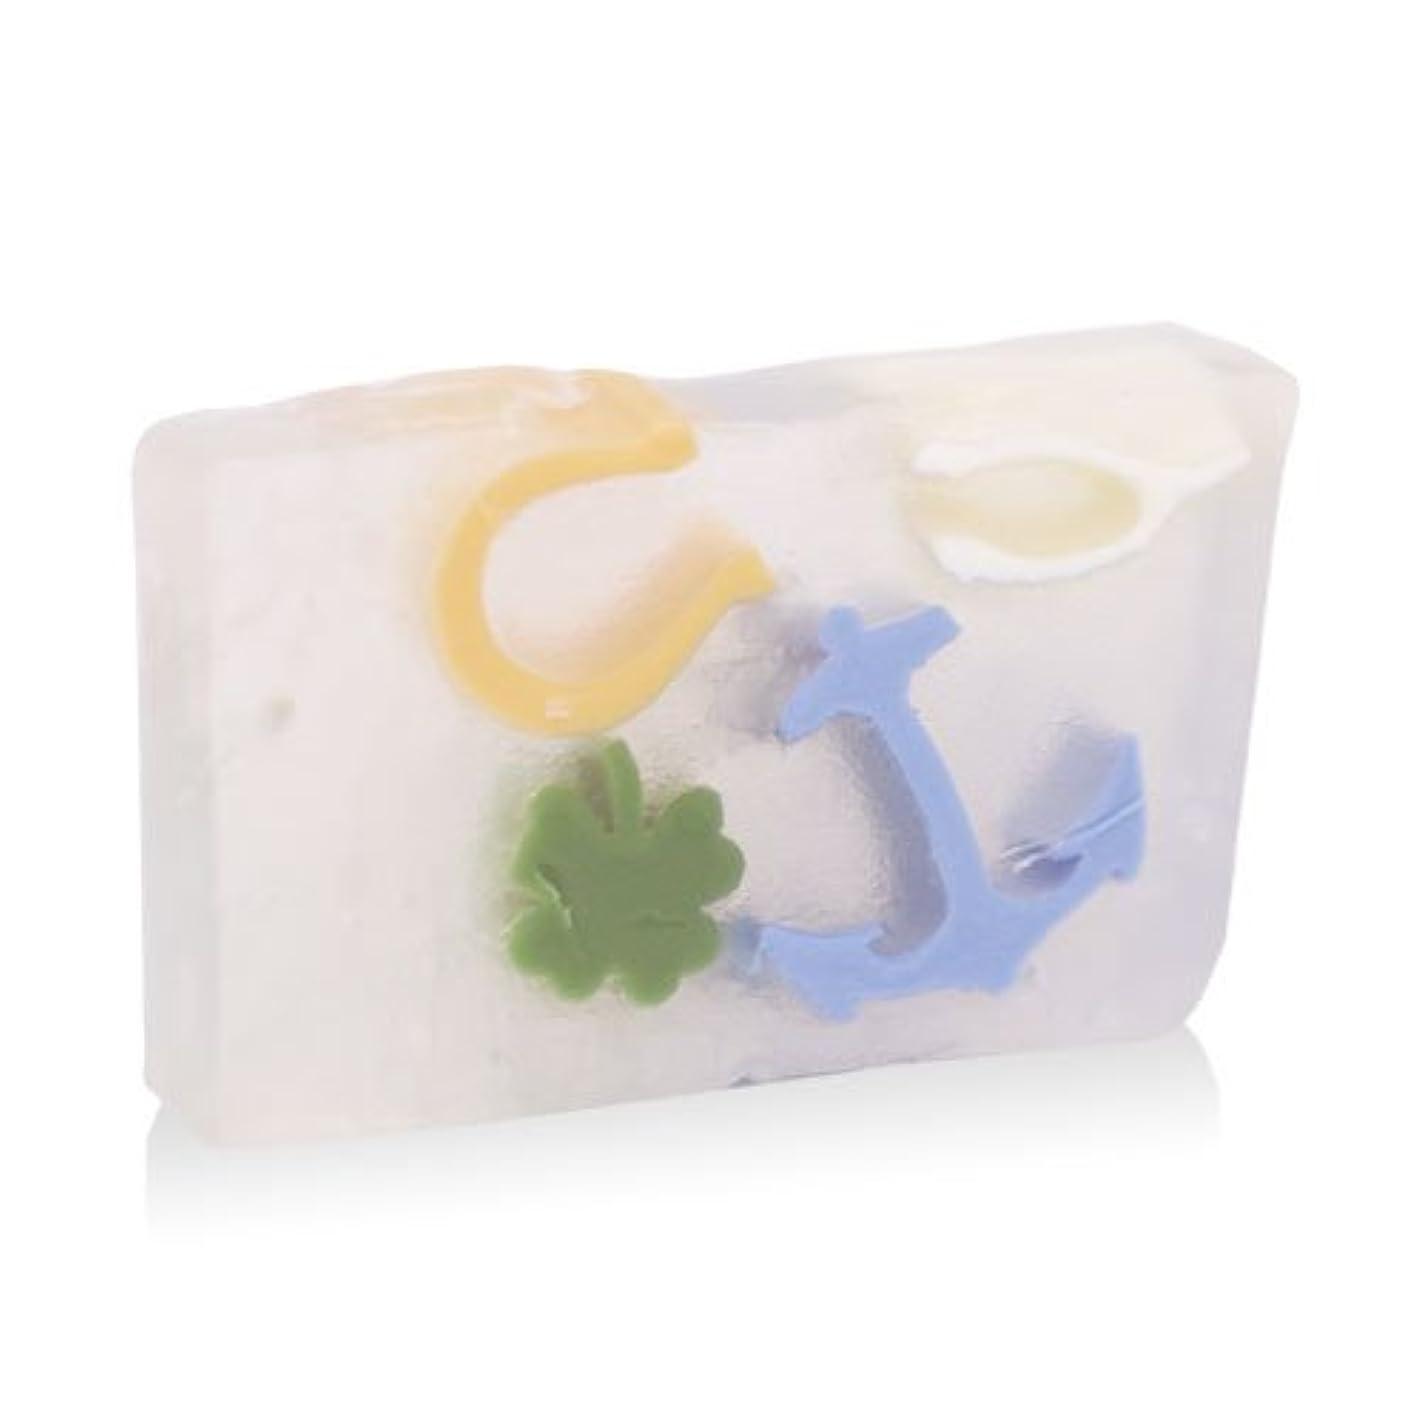 時期尚早フィルタ教えるプライモールエレメンツ アロマティック ソープ グッドラックチャーム 180g 植物性 ナチュラル 石鹸 無添加